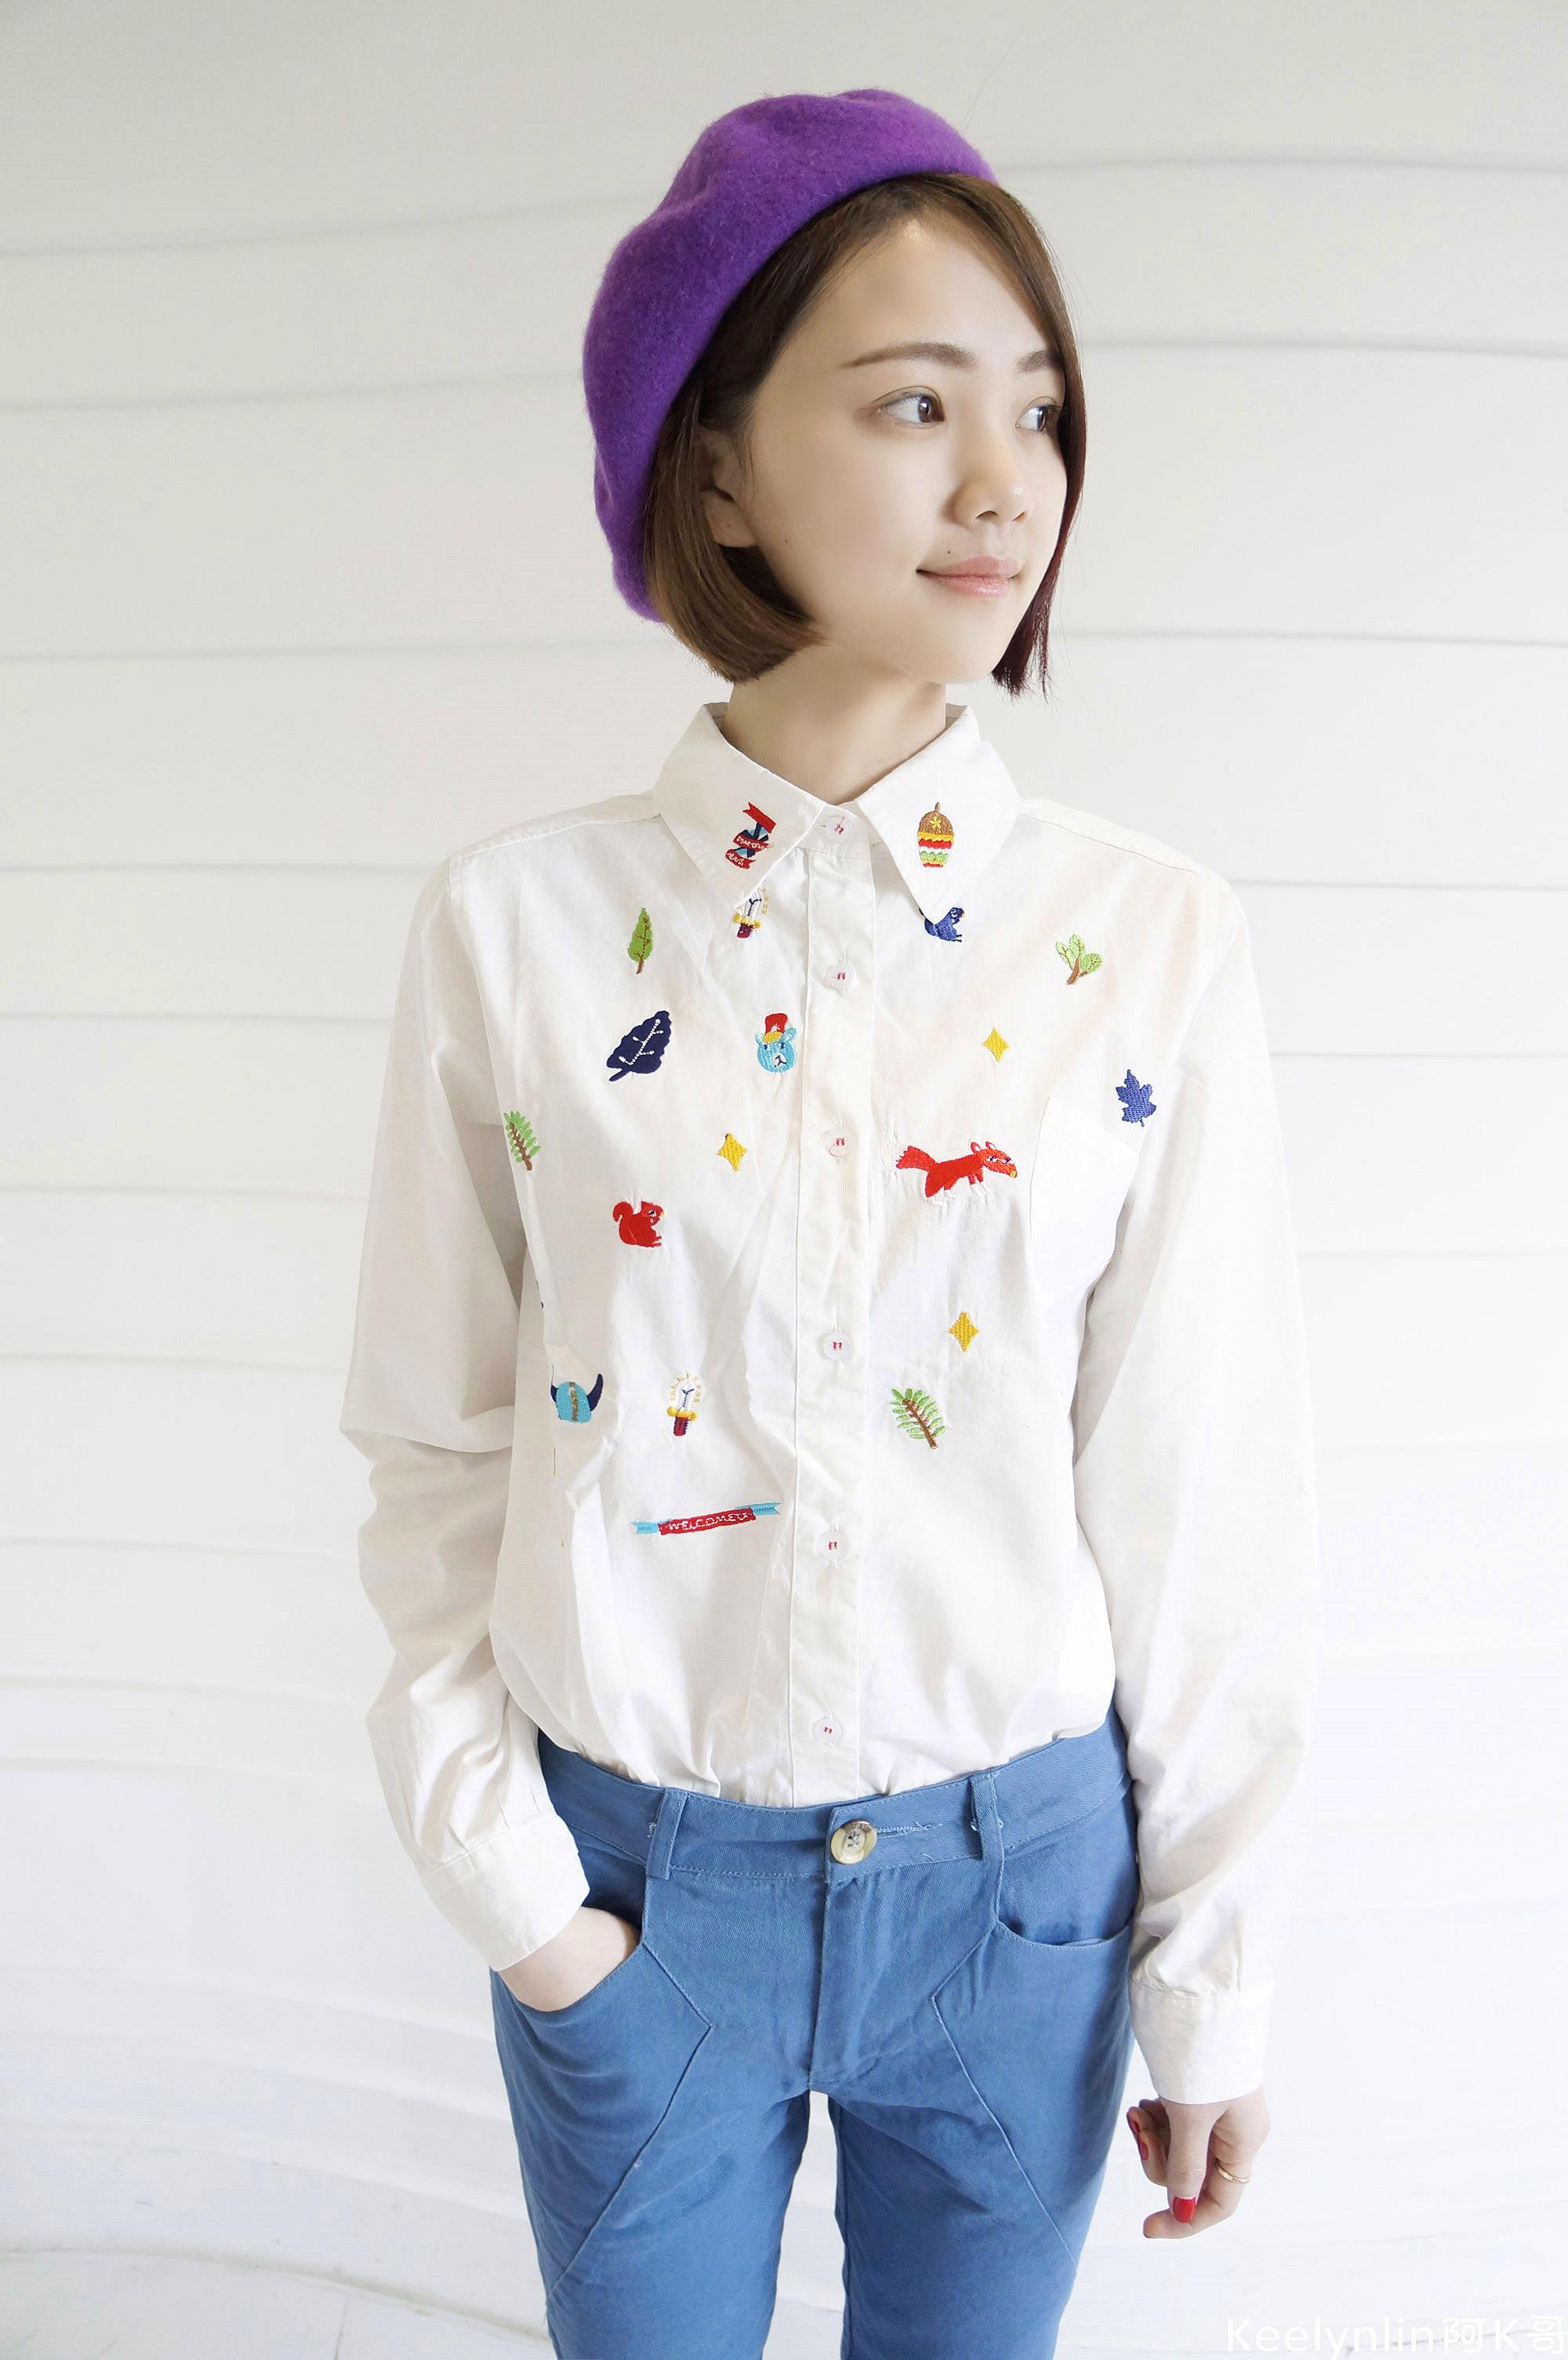 森林系卡通小动物刺绣衬衫搭配棉质